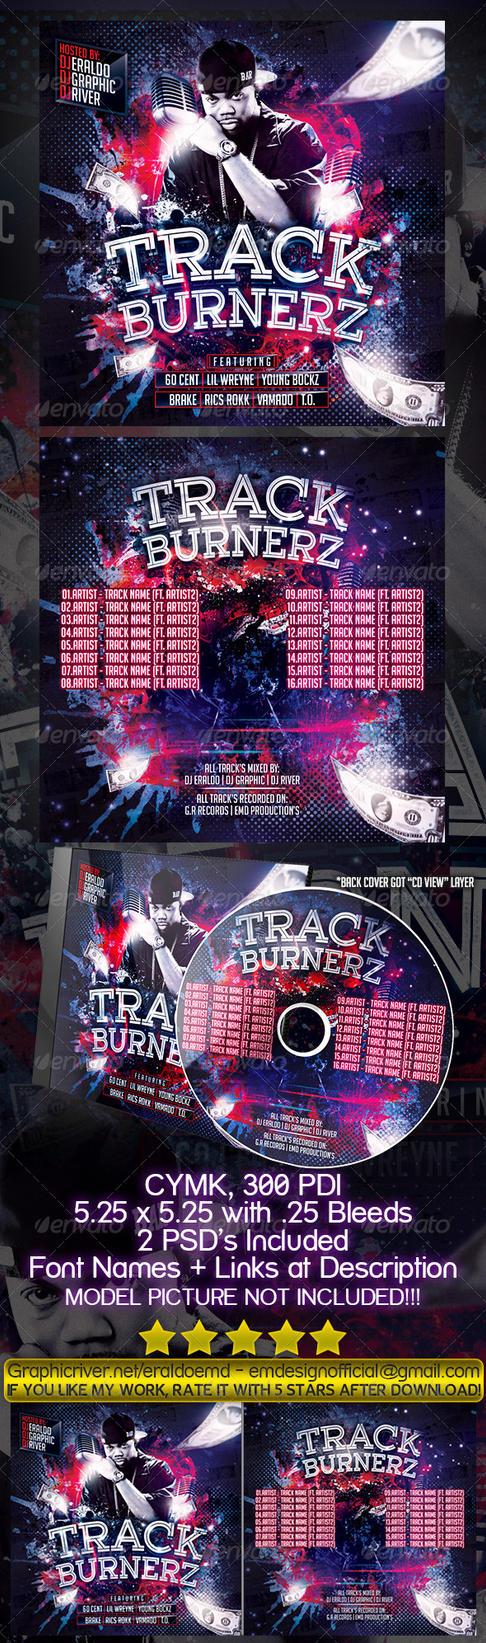 Underground Mixtape Cover Track Burnerz by EmDesignEmd